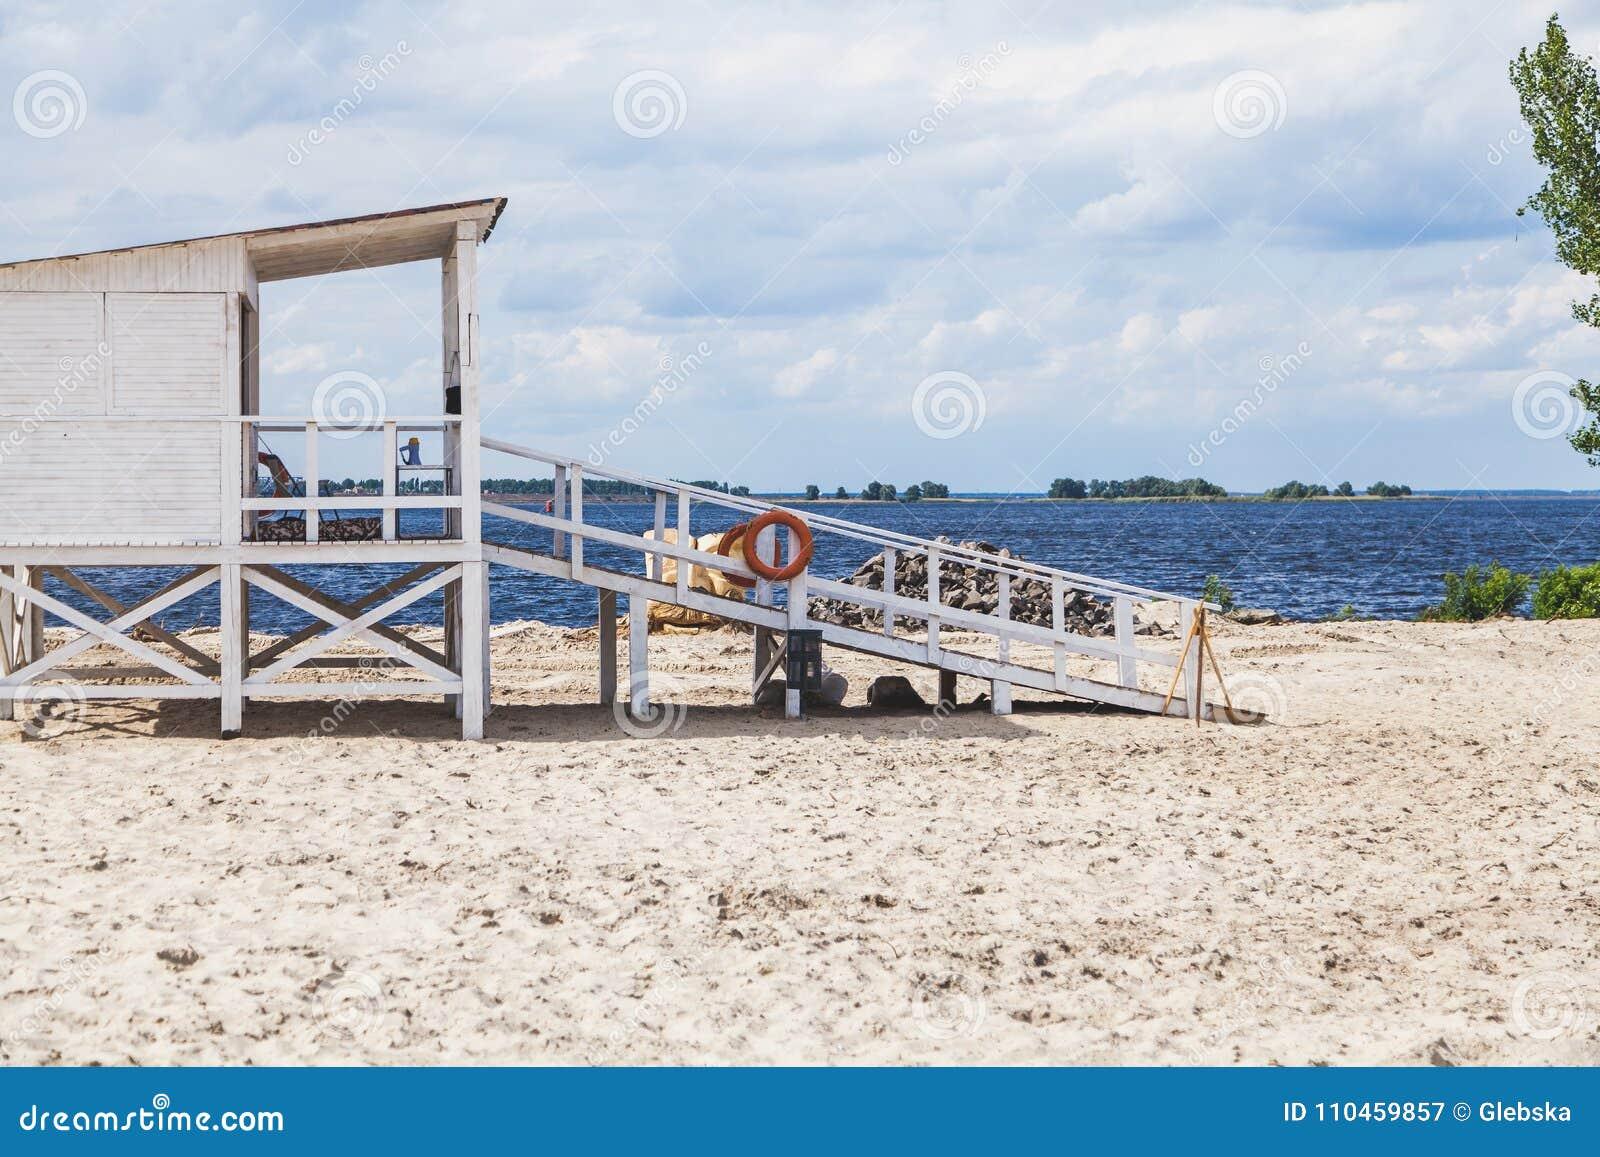 Räddningsaktionstation på den sandiga stranden på sommardag